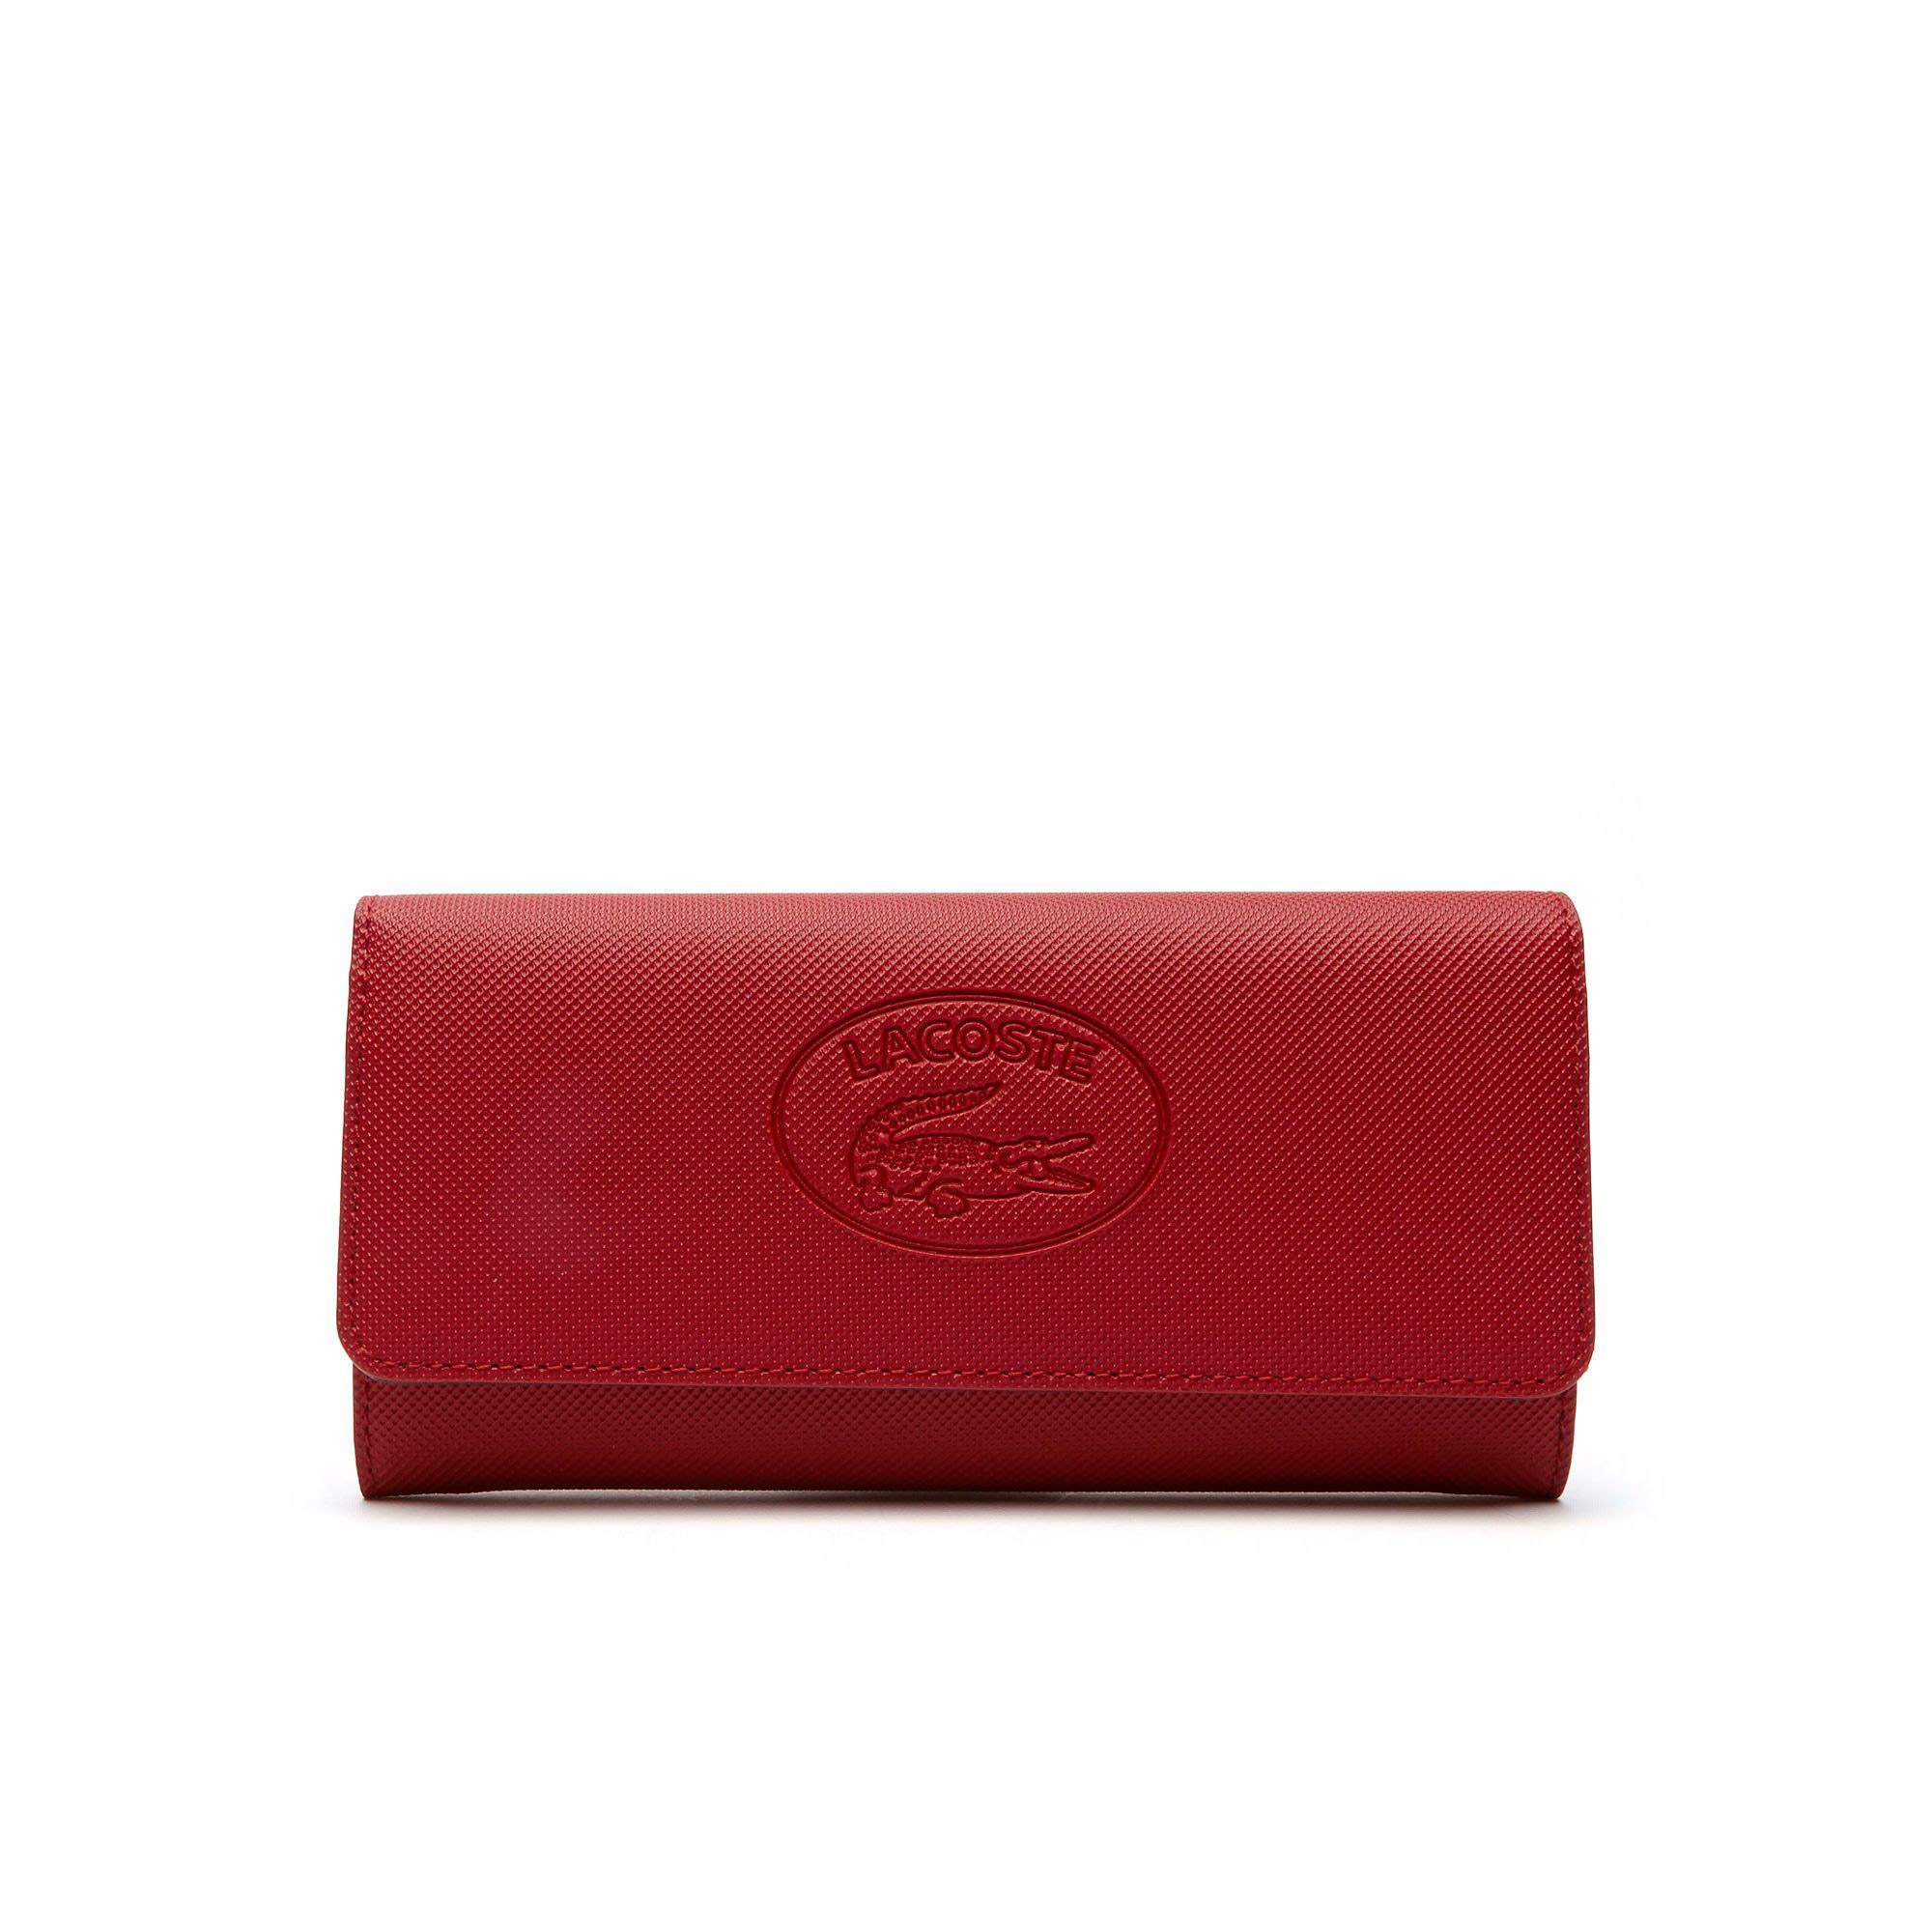 8ff5fa144532d Lacoste Kadın Classic Lacivert-Turuncu Cüzdan